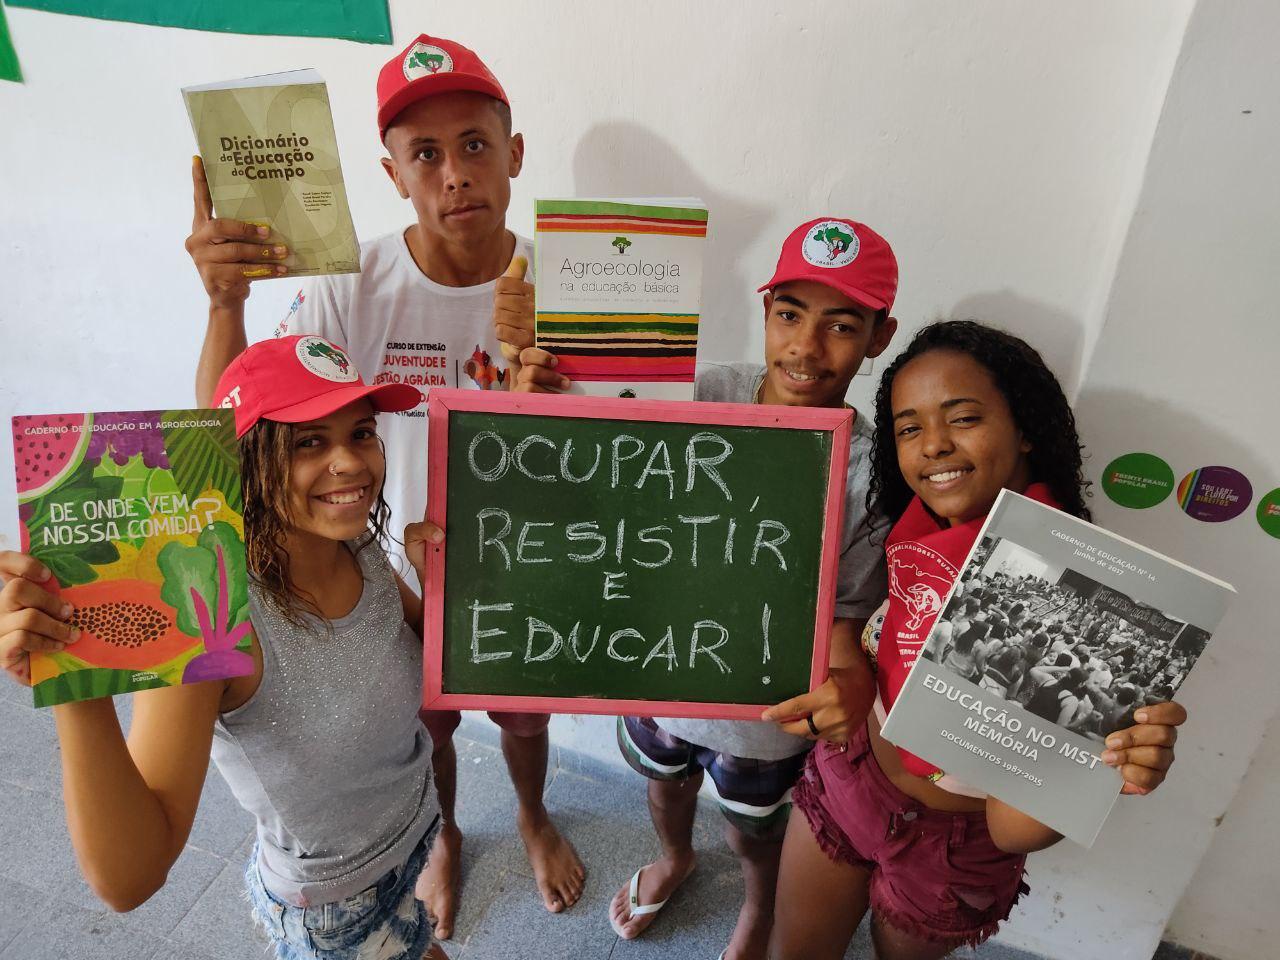 Jovens do MST inauguram rede de bibliotecas populares em homenagem a Paulo Freire em Alagoas